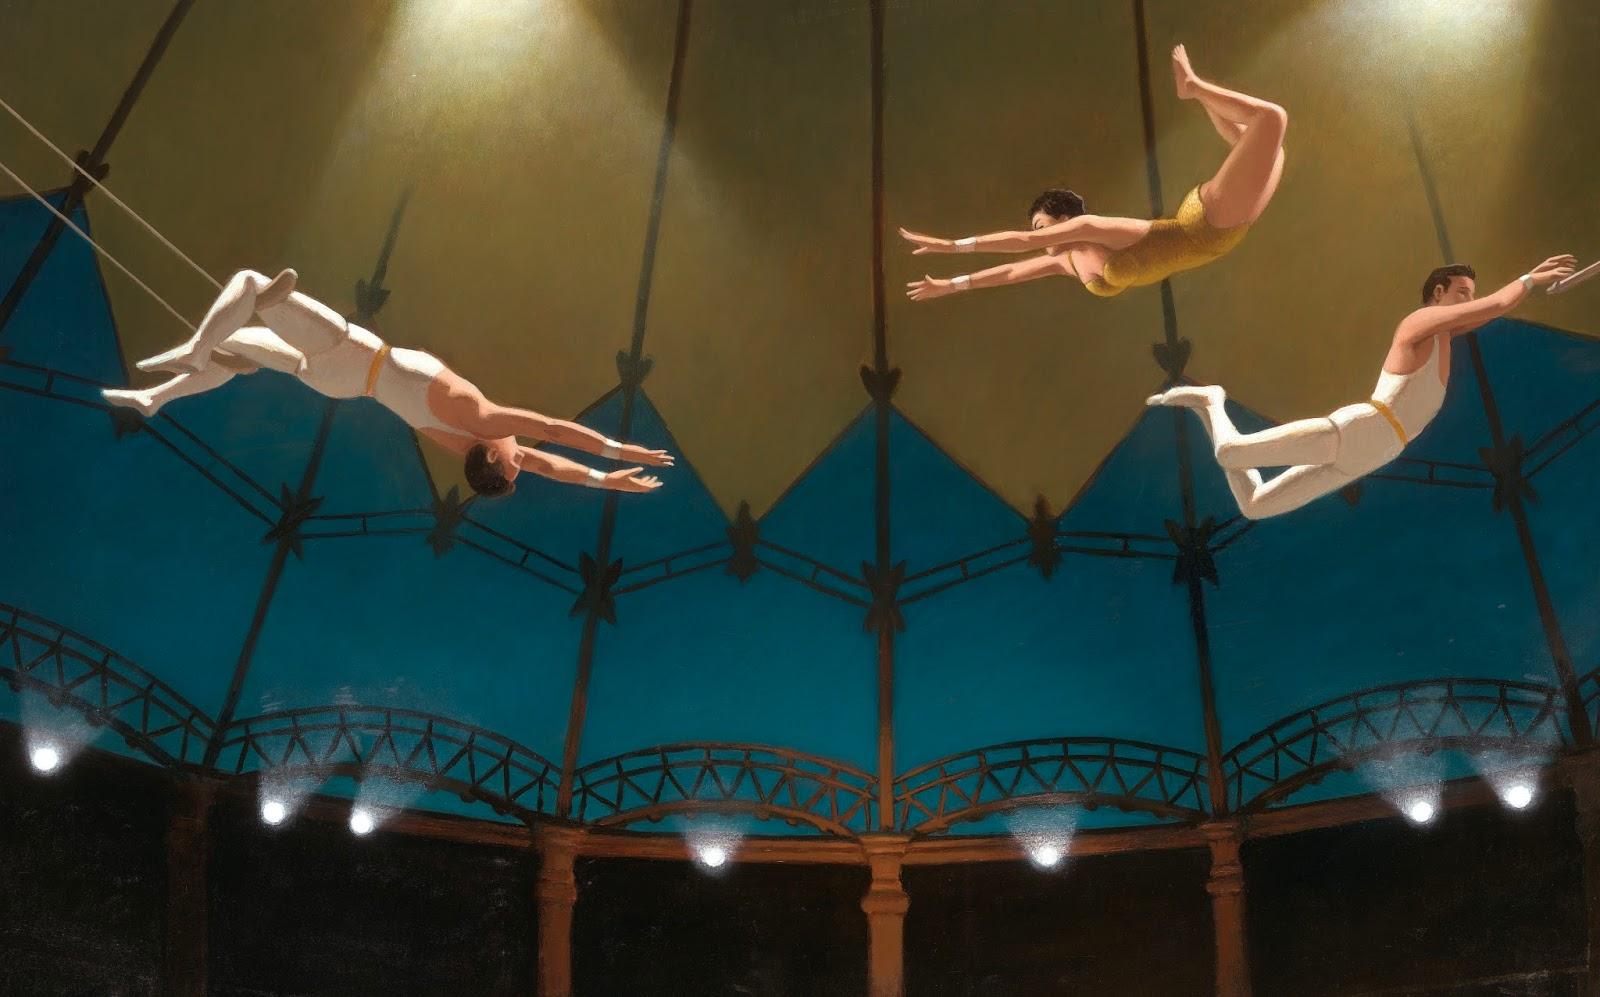 """Résultat de recherche d'images pour """"le fantome du cirque d'hiver"""""""